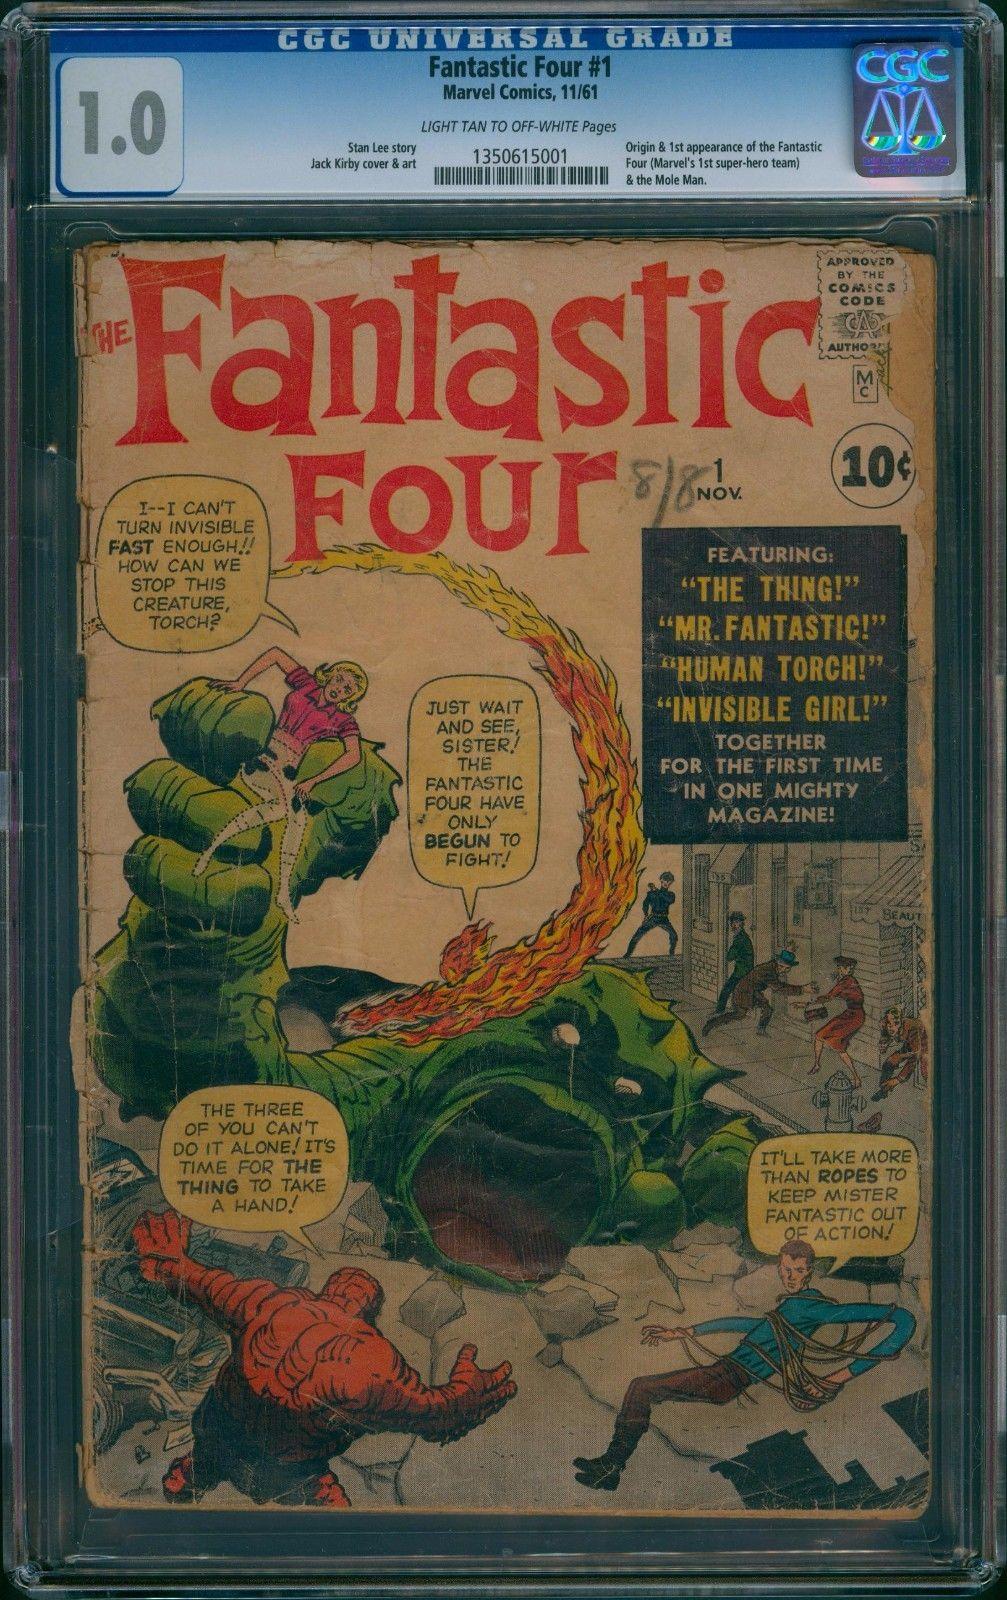 FANTASTIC FOUR #1 CGC 1.0 1961 ORIGIN 1ST APP FANTASTIC FOUR MARVEL UNRESTORED